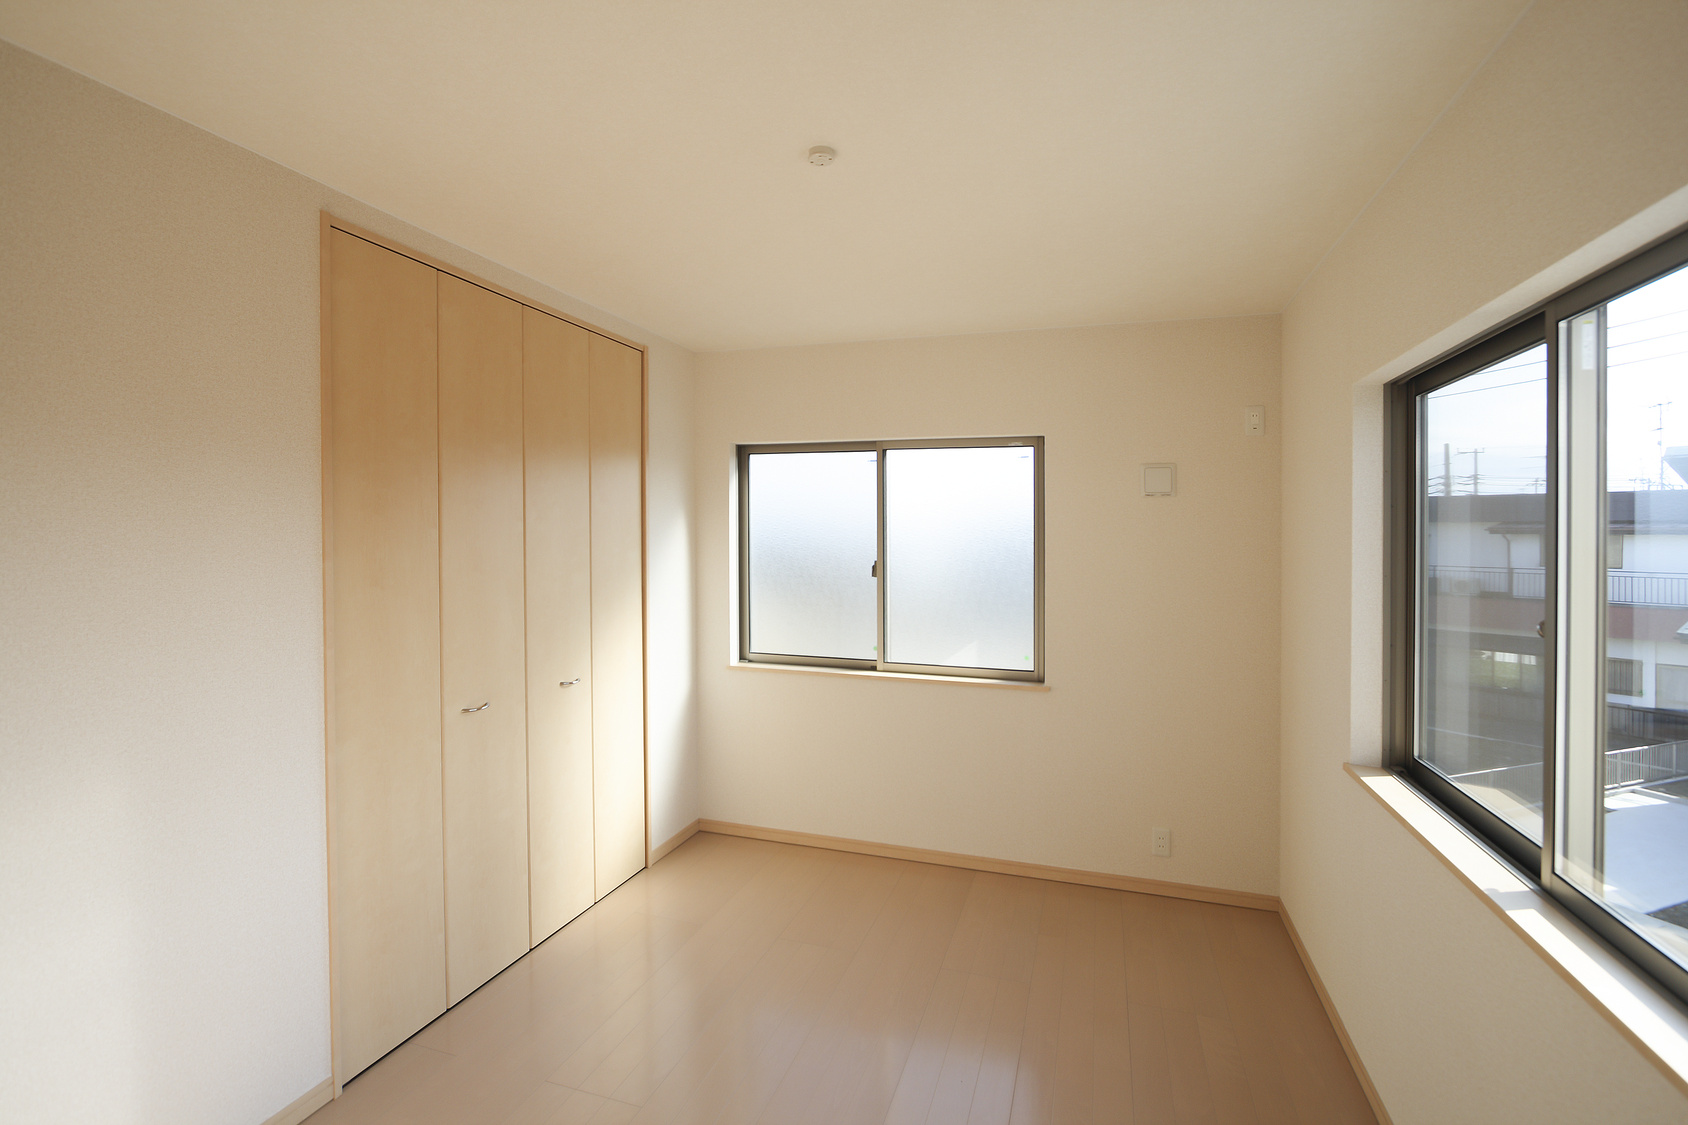 洋室イメージ シンプル家具なし